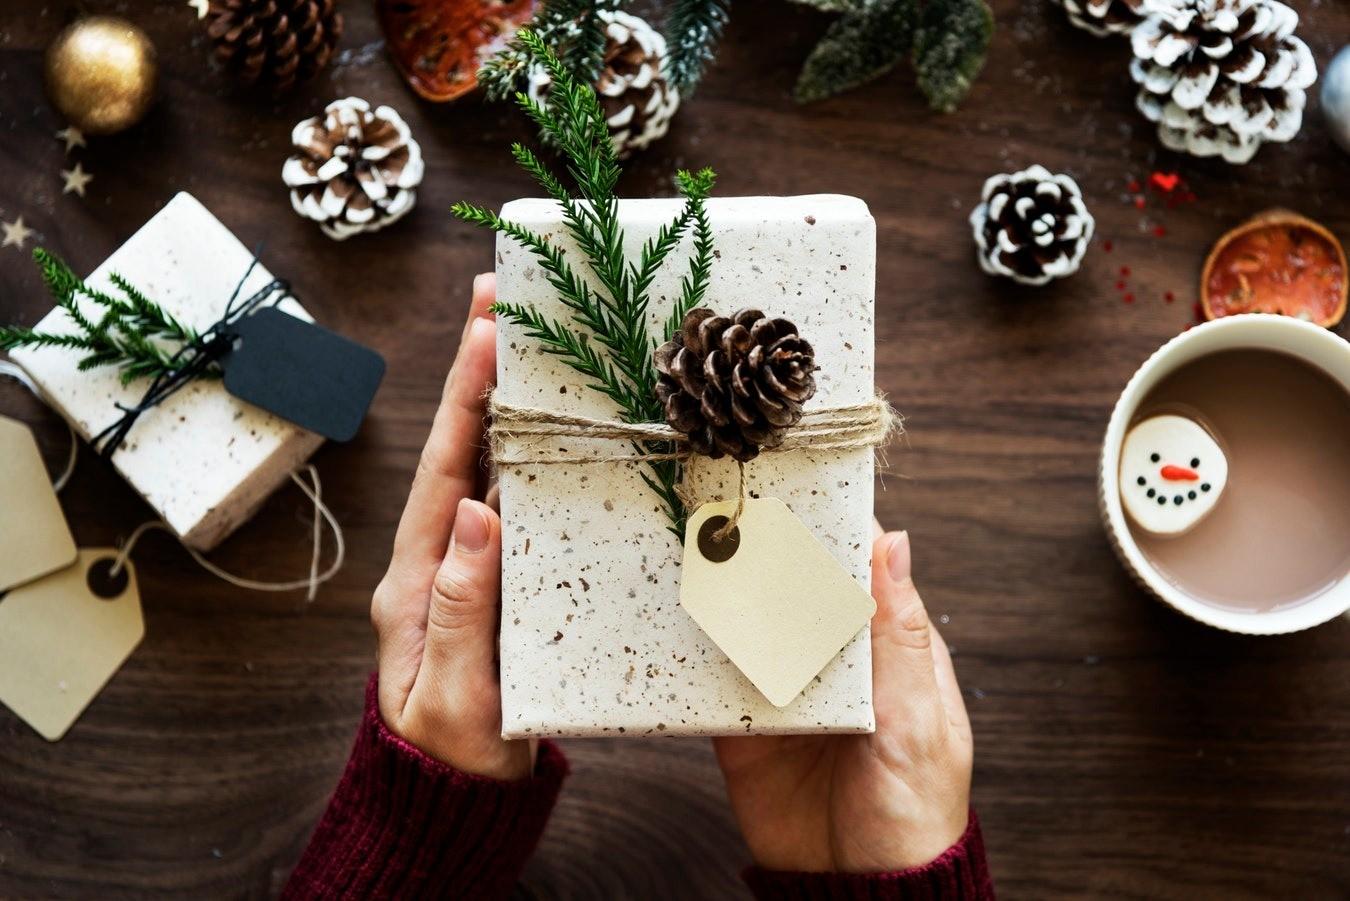 Что подарить свекрови на Новый год: 7 идей, как порадовать маму мужа